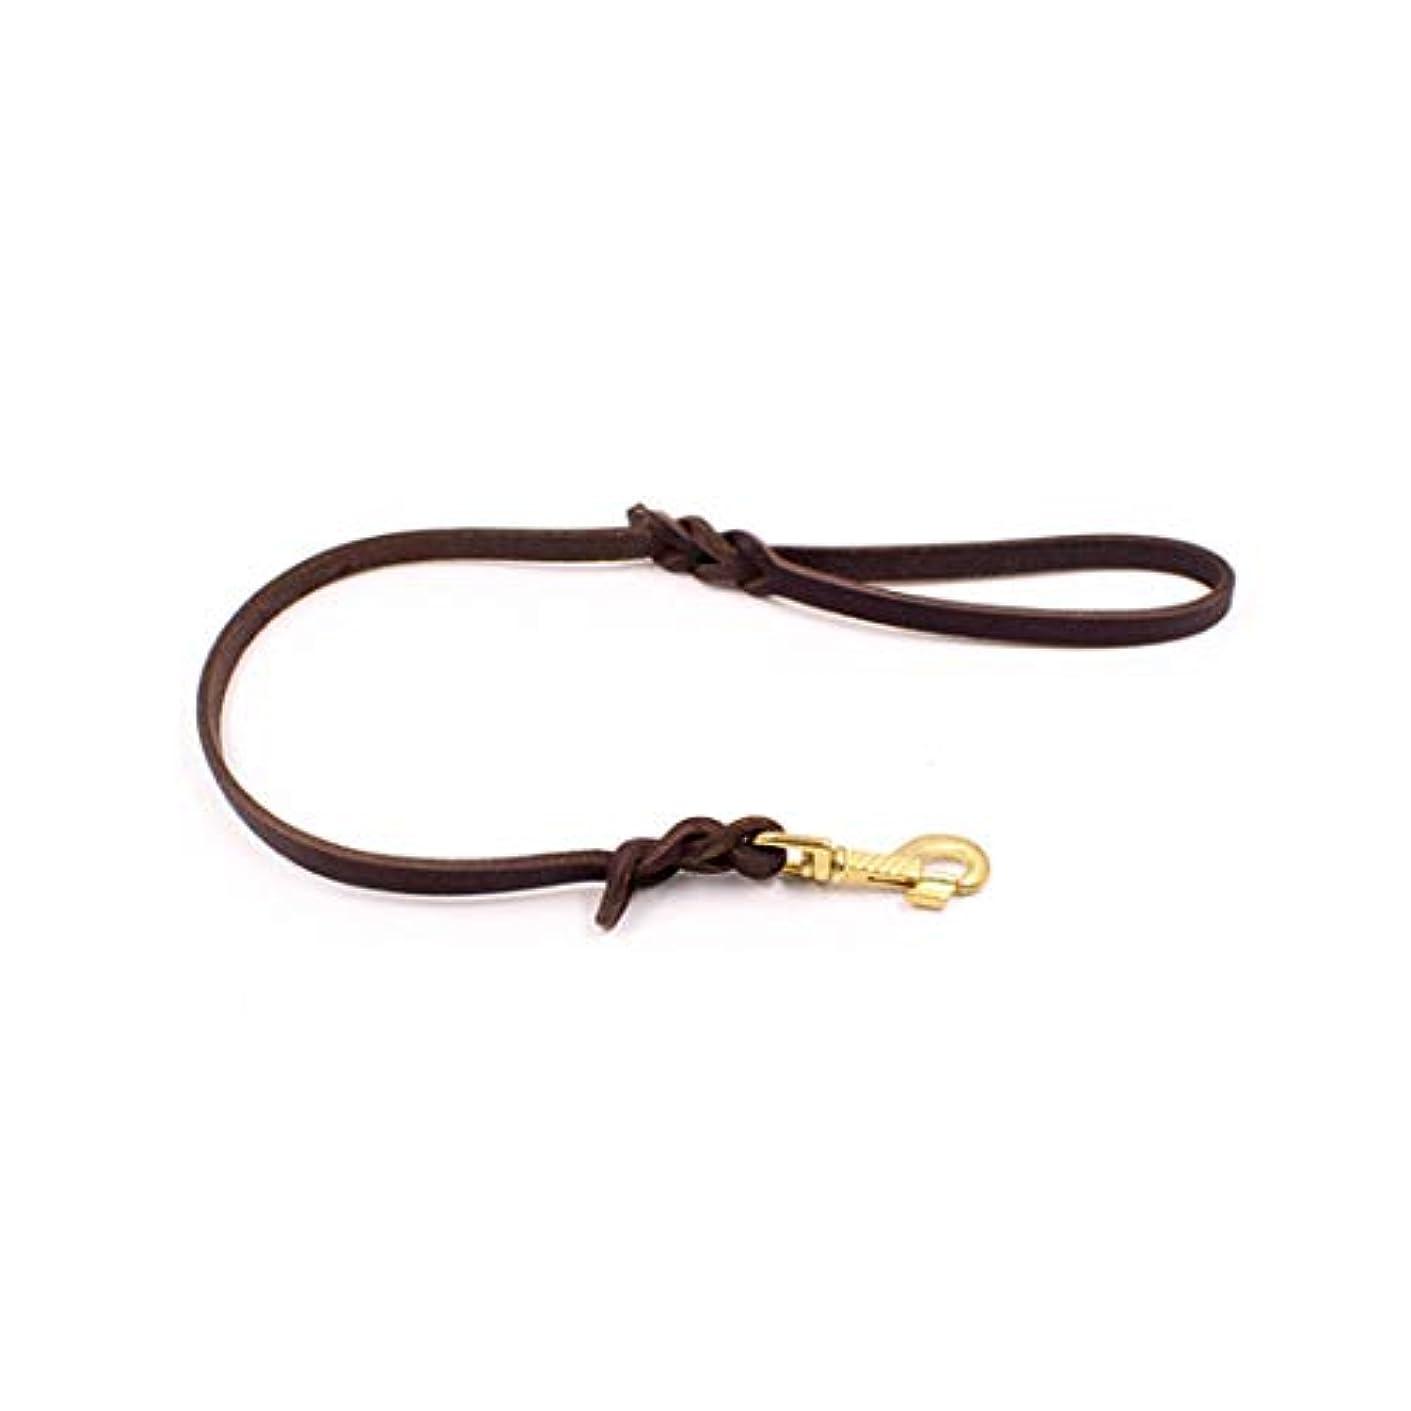 帰る姿勢ささやきJiabei 犬の綱屋外ウォーキングペット犬子犬牽引ロープブラウン優しいリーダー (色 : ブラウン, サイズ : 1.2*100cm)